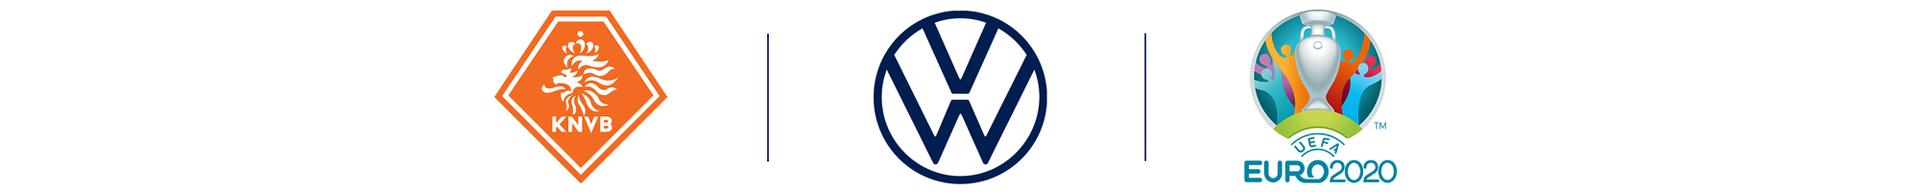 Volkswagen_LOGOS_sponsor.png